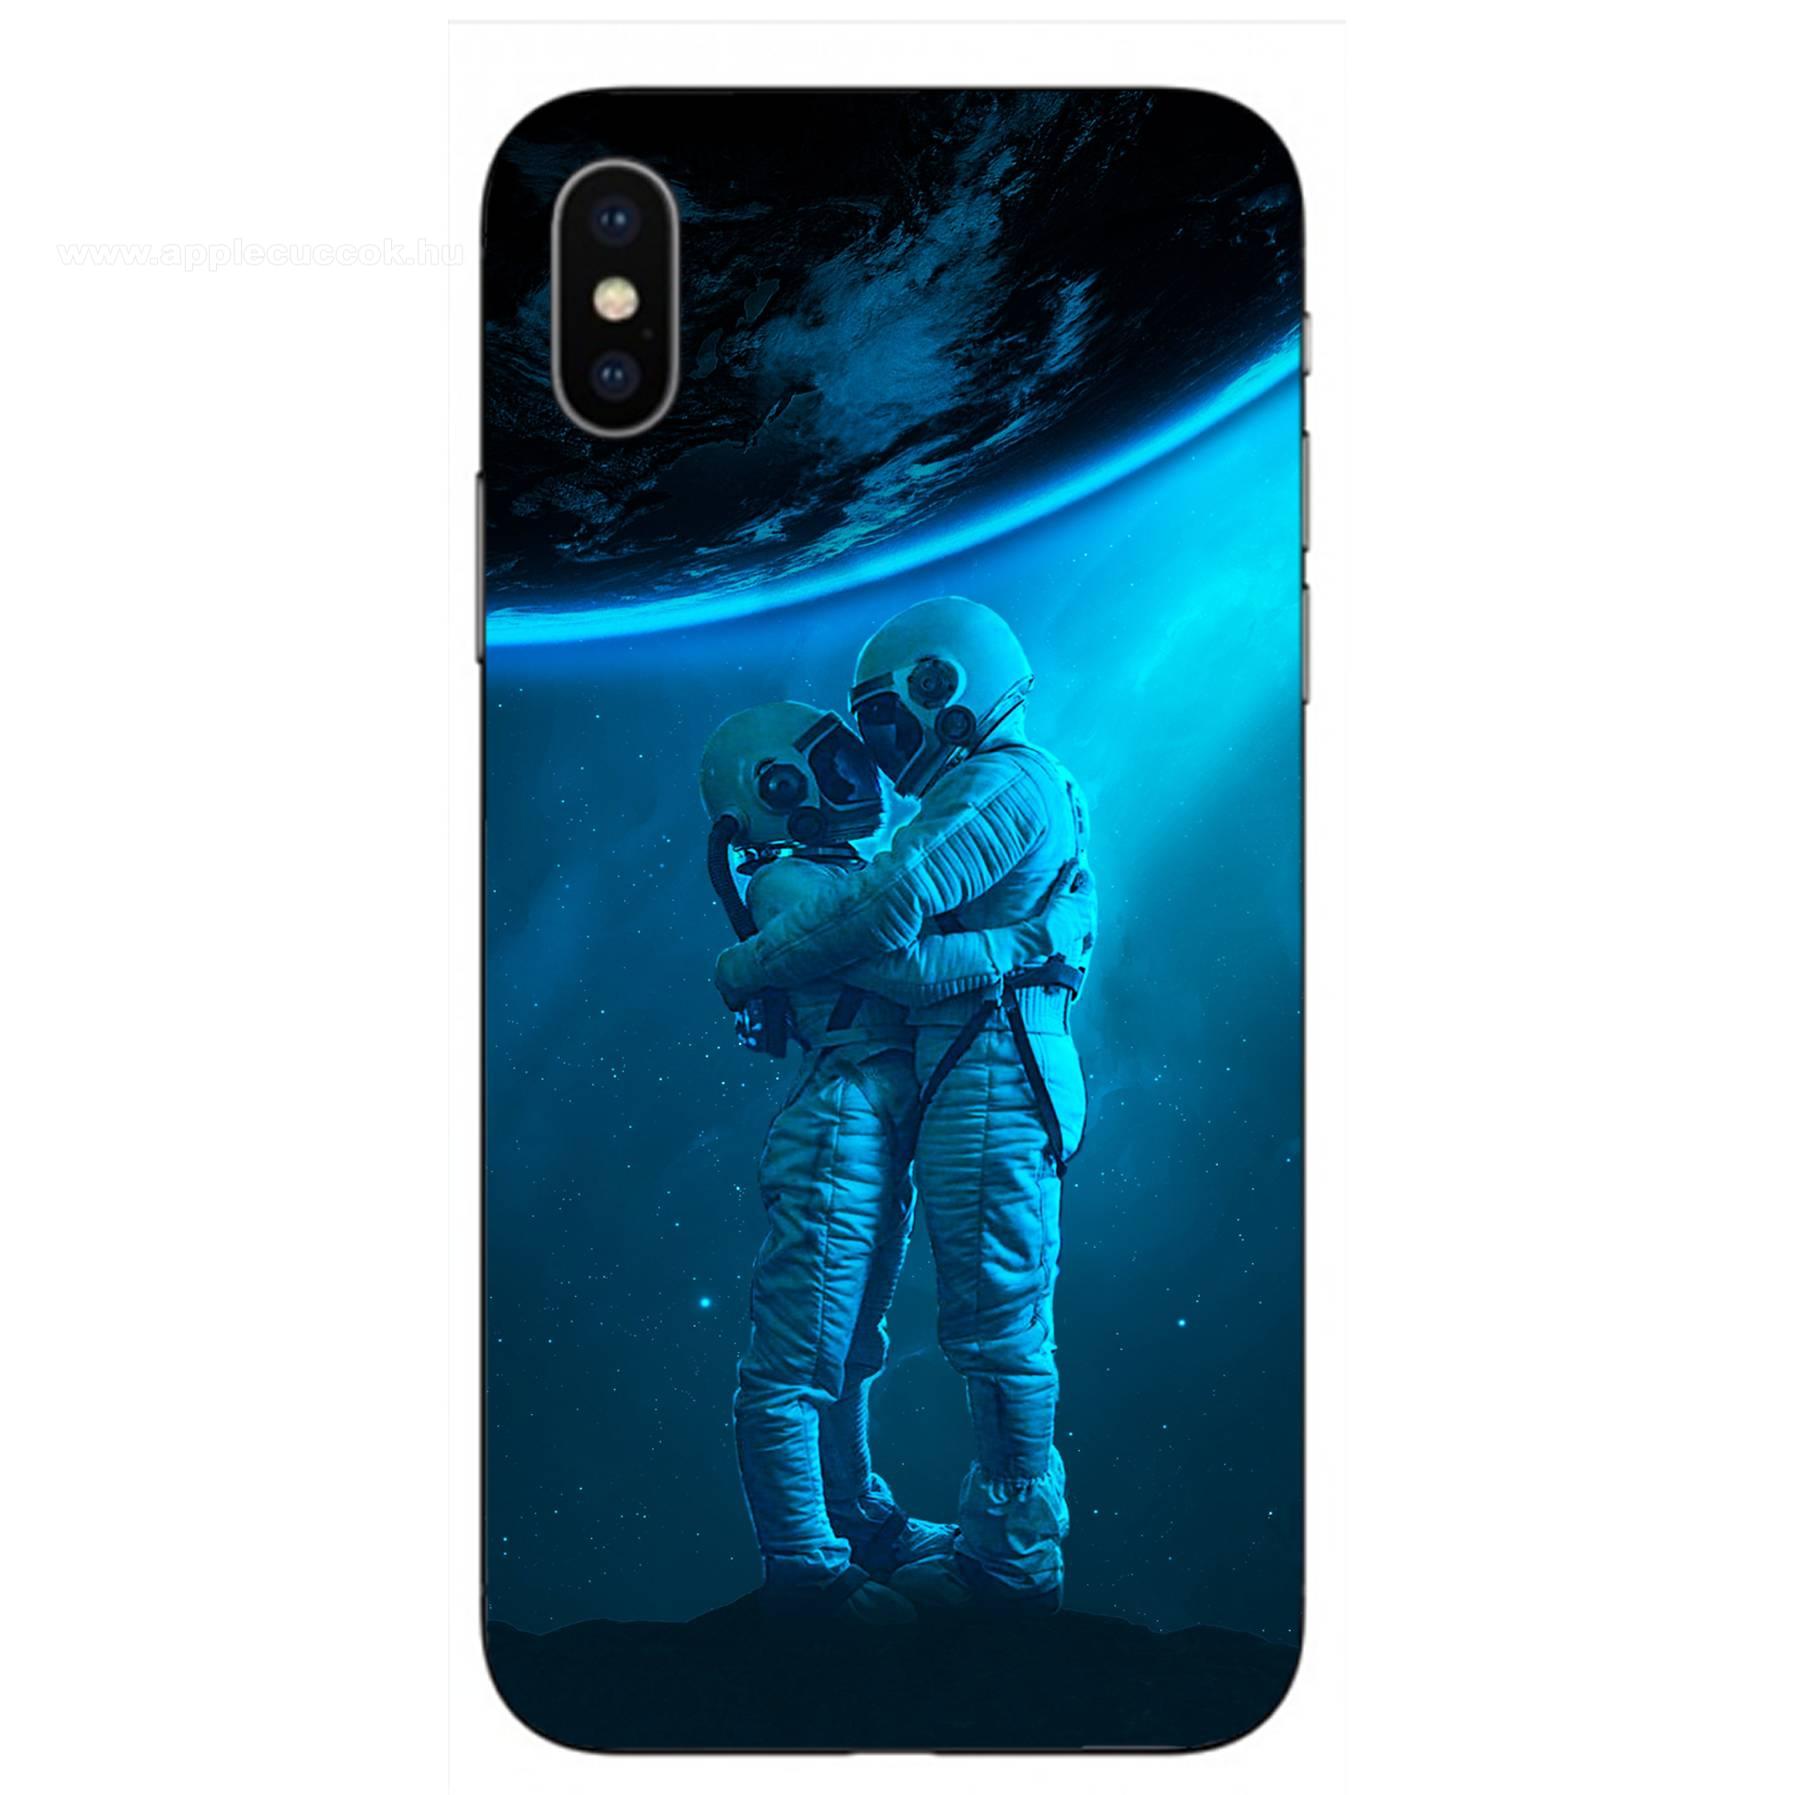 E-pic szilikon védő tok / hátlap - Szerelmes űrhajós pár mintás - APPLE iPhone XS Max